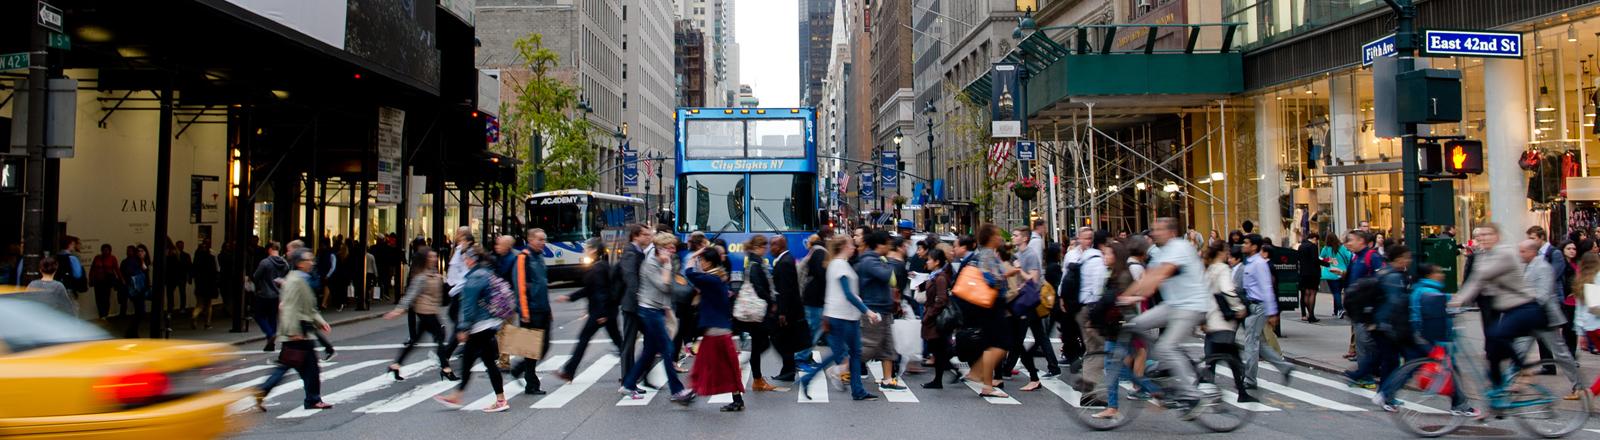 Menschen gehen am 24.09.2014 in New York (USA) über eine Straße.